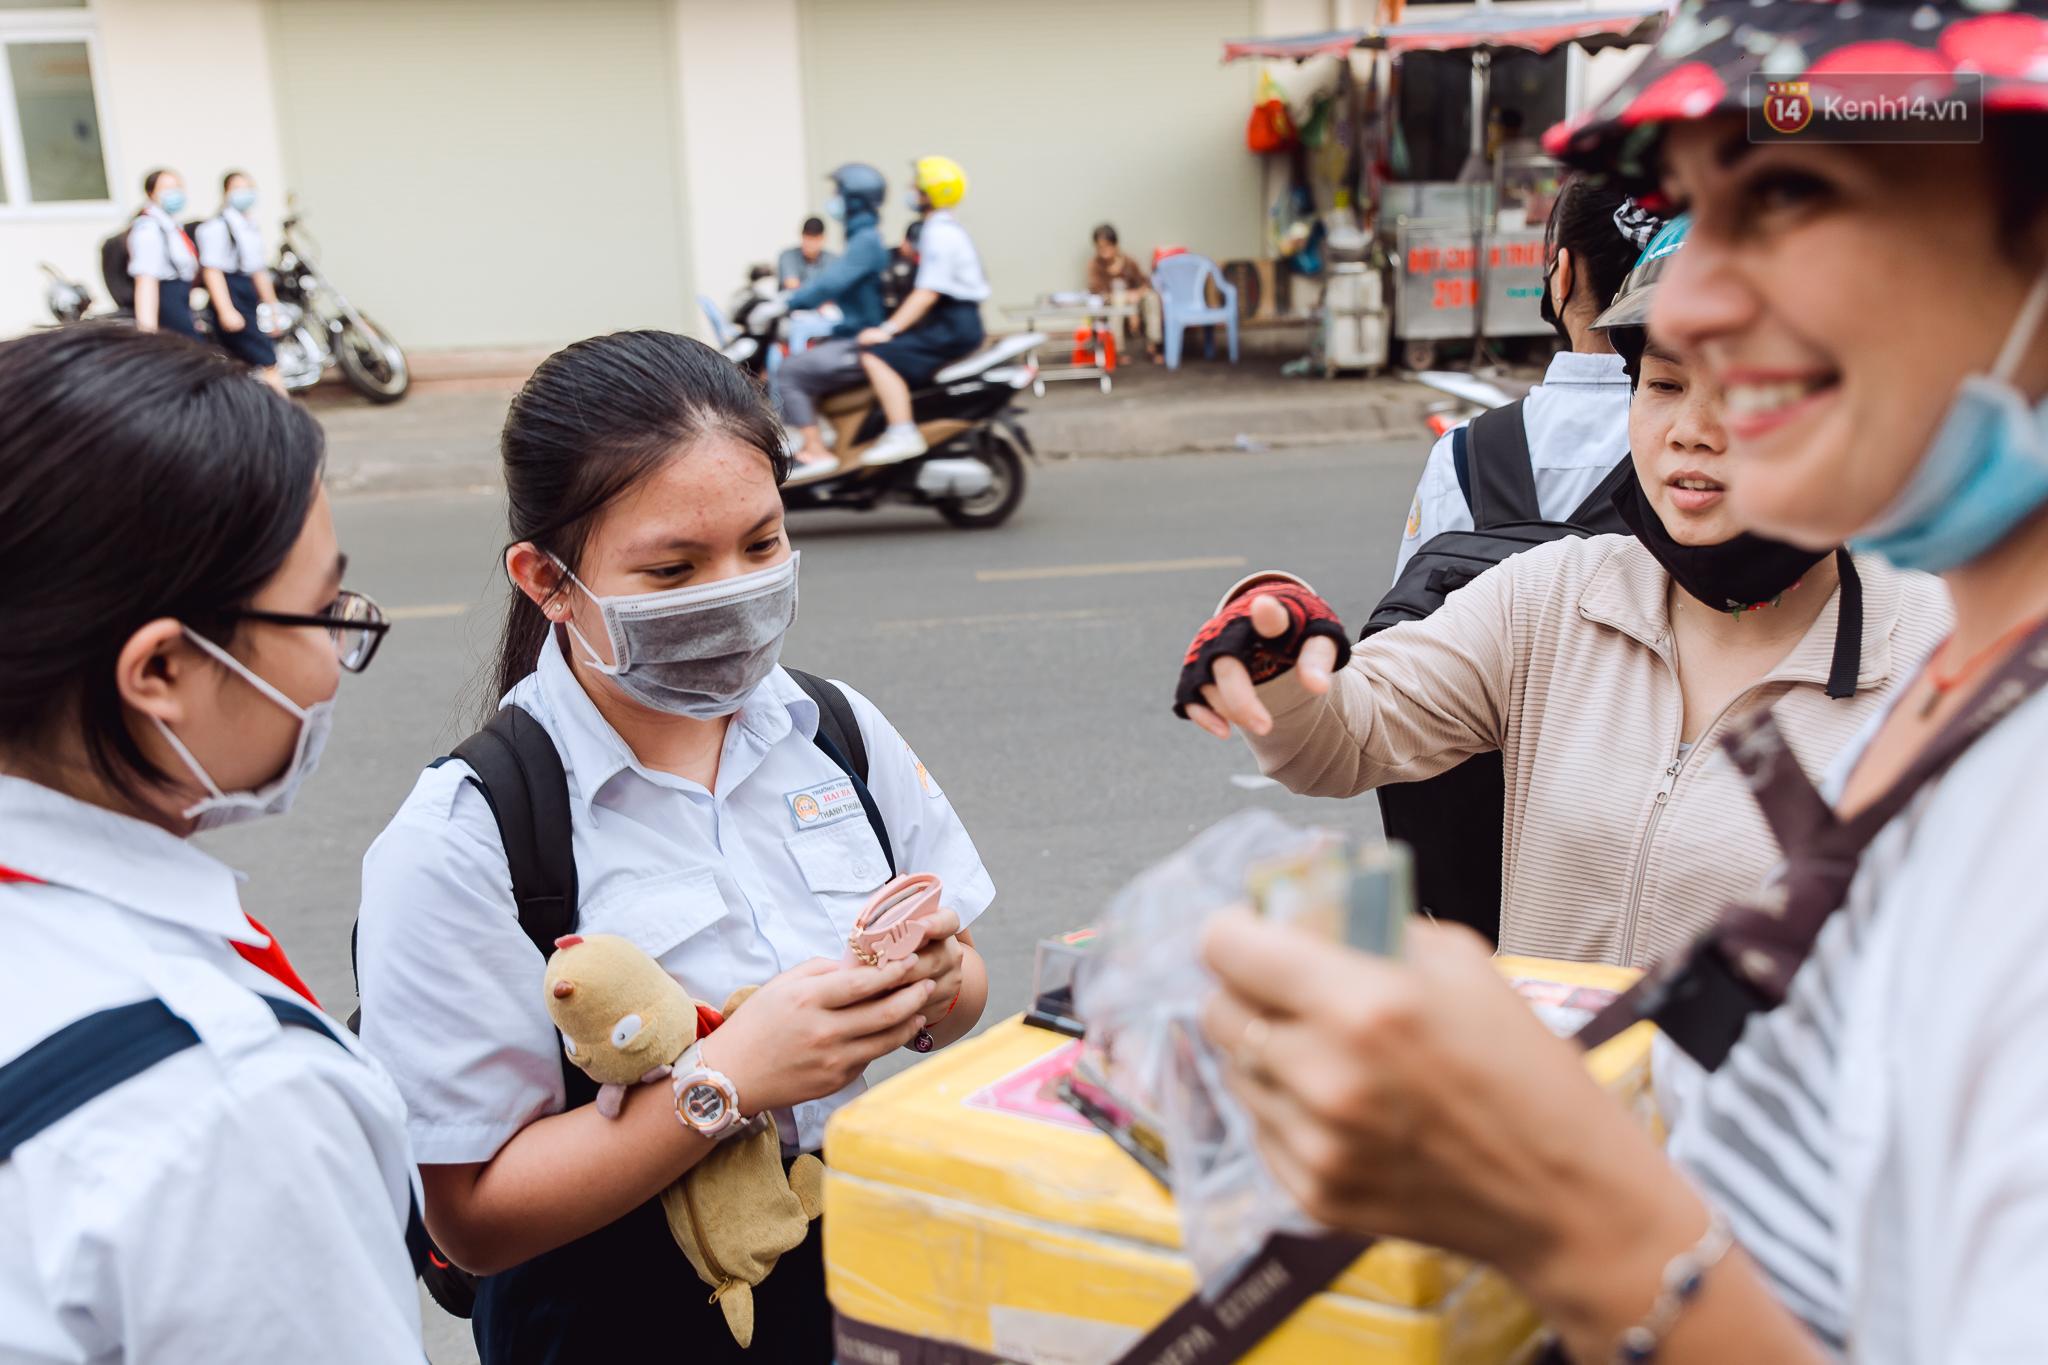 Ảnh, clip: Gặp cô Tây xinh đẹp bán bánh kem dạo mưu sinh trên đường phố Sài Gòn - Ảnh 5.